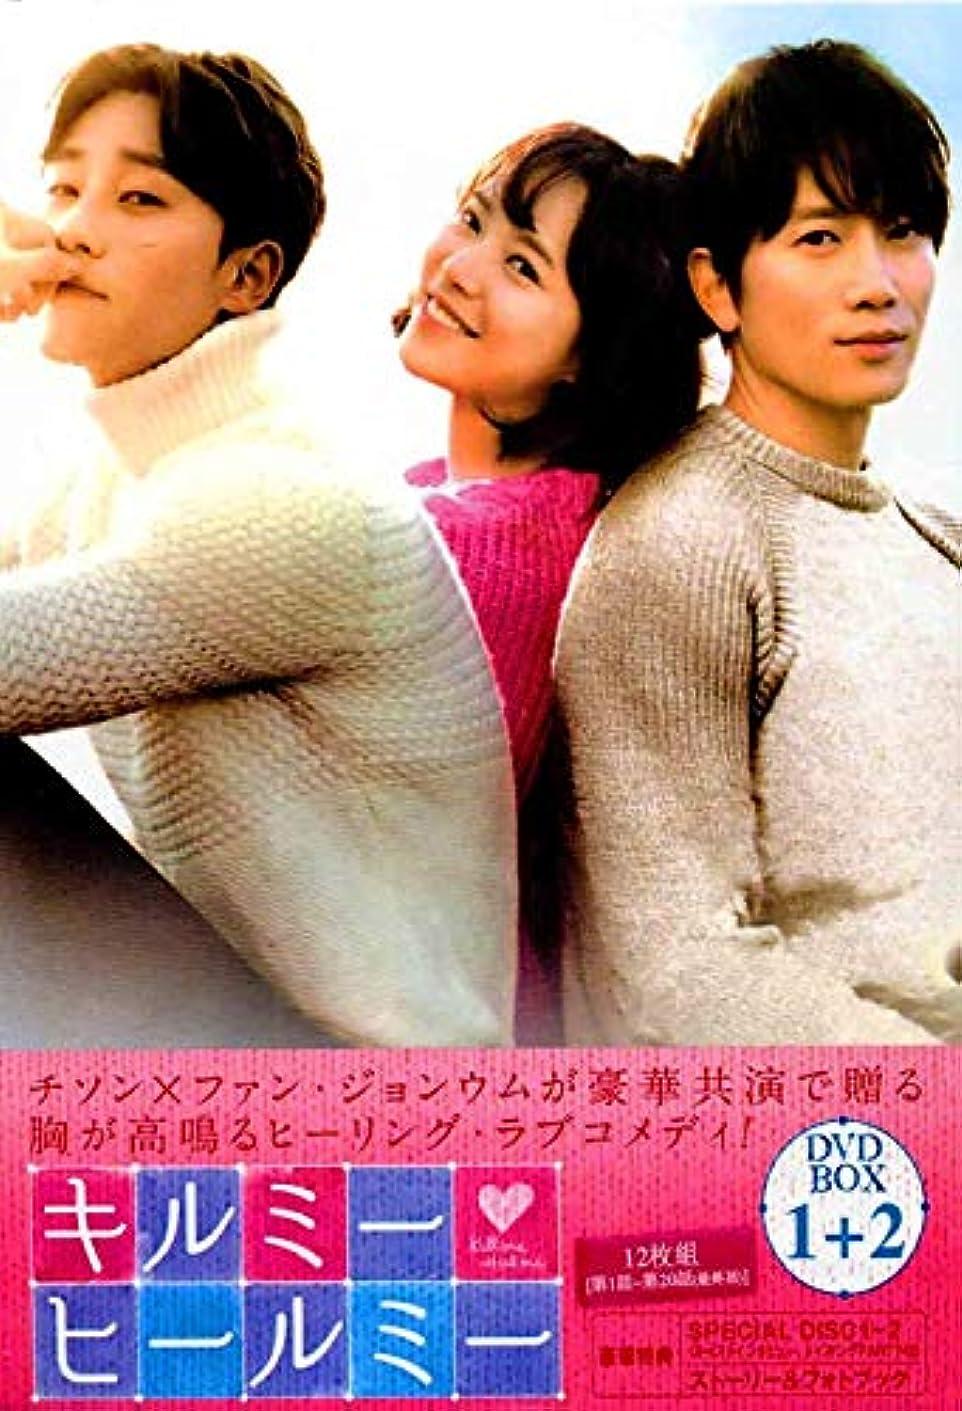 静めるインタフェース方程式キルミー?ヒールミー DVD-BOX1+2 12枚組 韓国語/日本語字幕